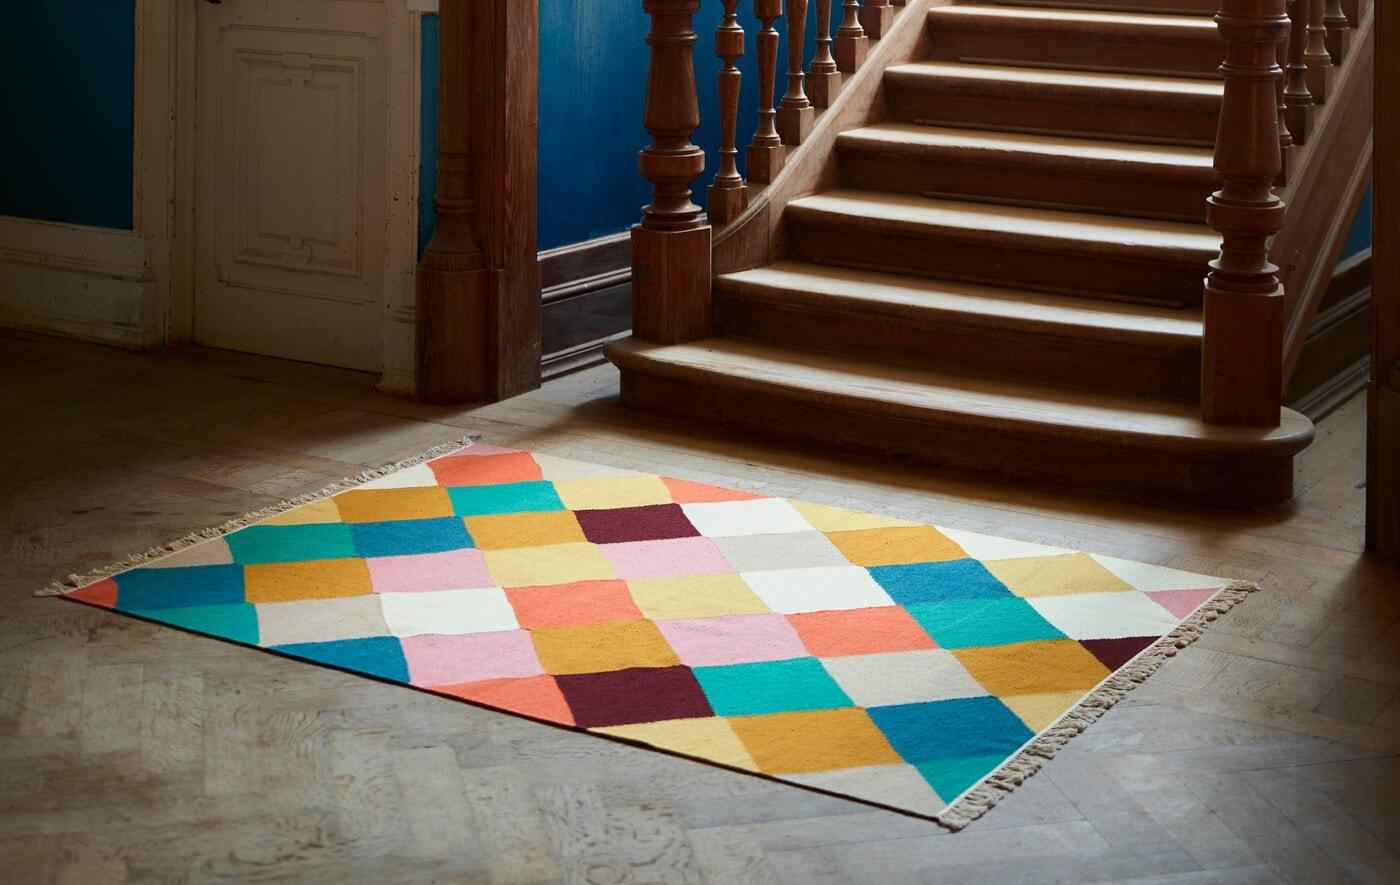 Un tapis VINDERÖD à motifs à carreaux multicolores se trouve au pied d'un escalier en bois sombre doté d'ornements élaborés.